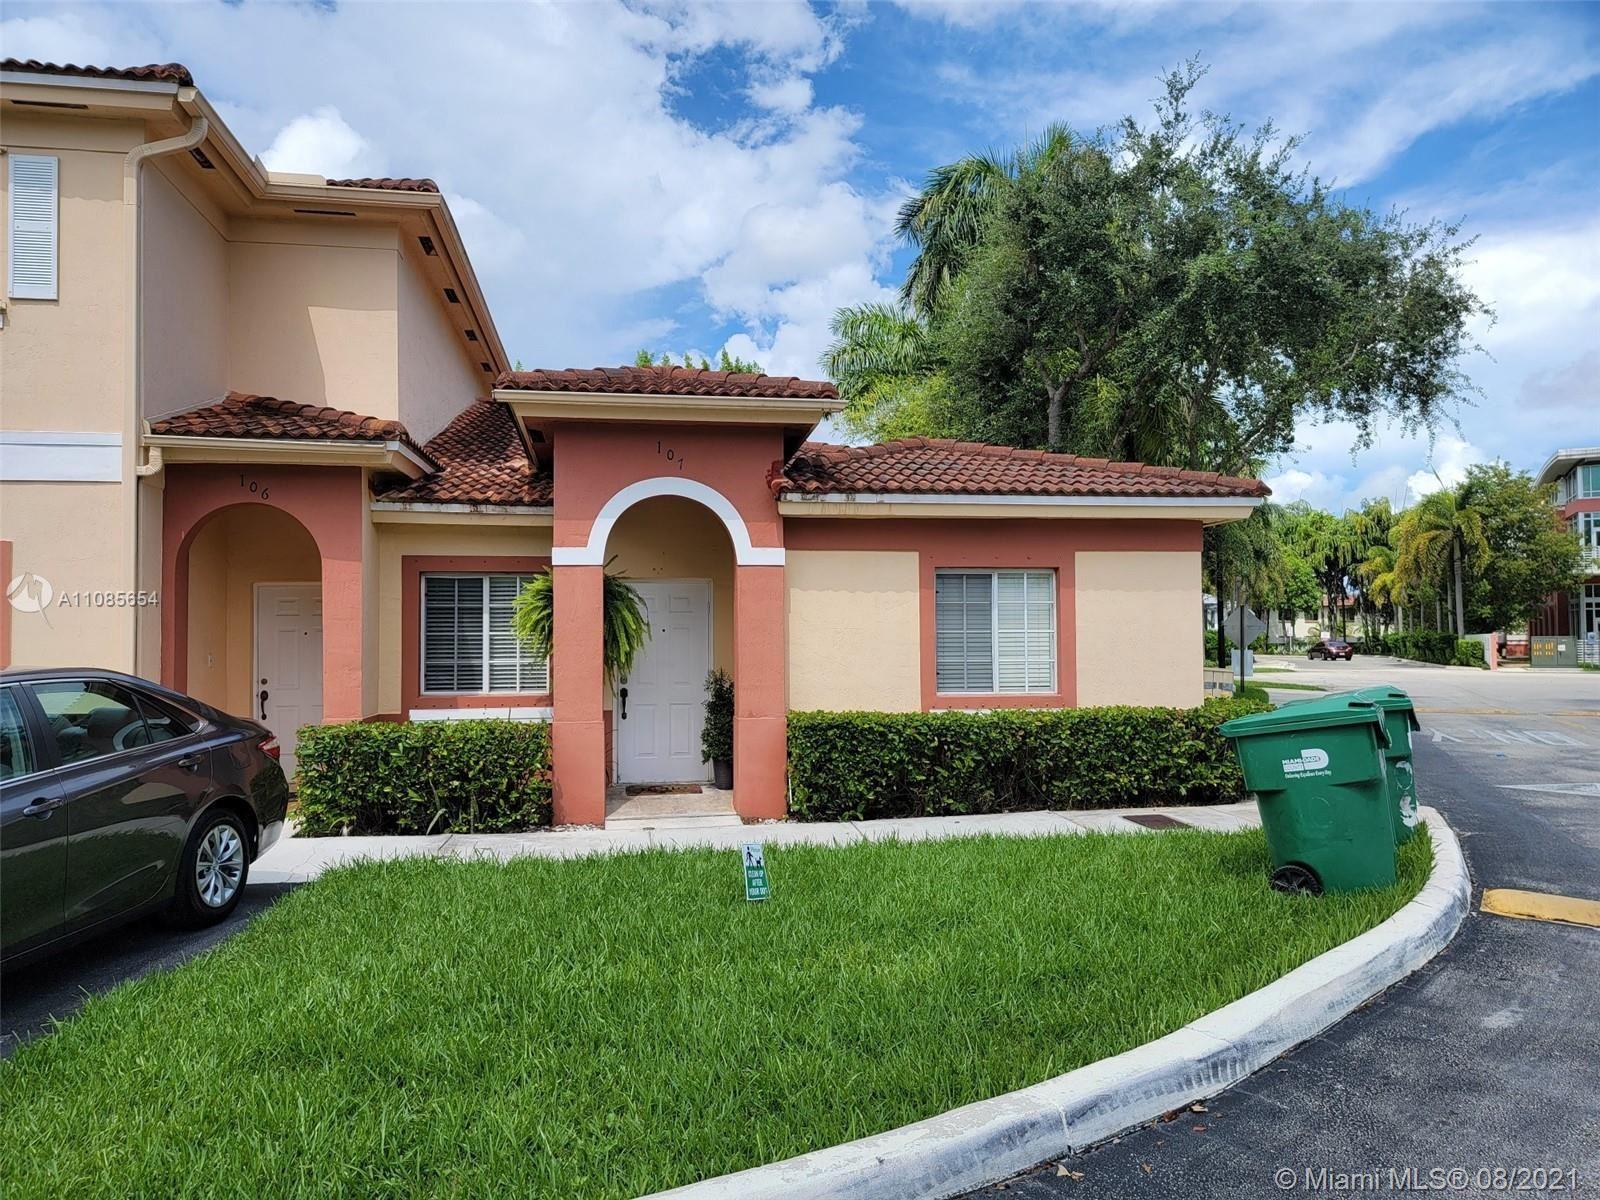 8440 SW 150th Ave #7, Miami, FL 33193 - #: A11085654